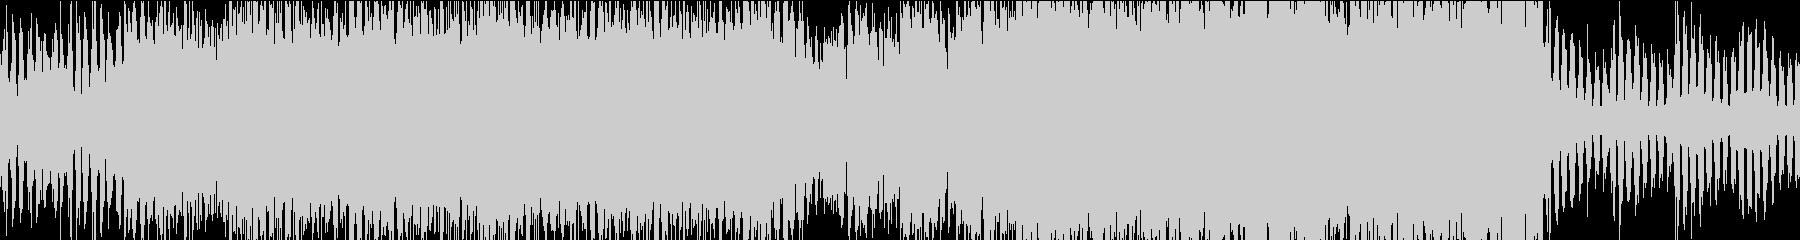 ディスコ風の爽やかなハウスループの未再生の波形